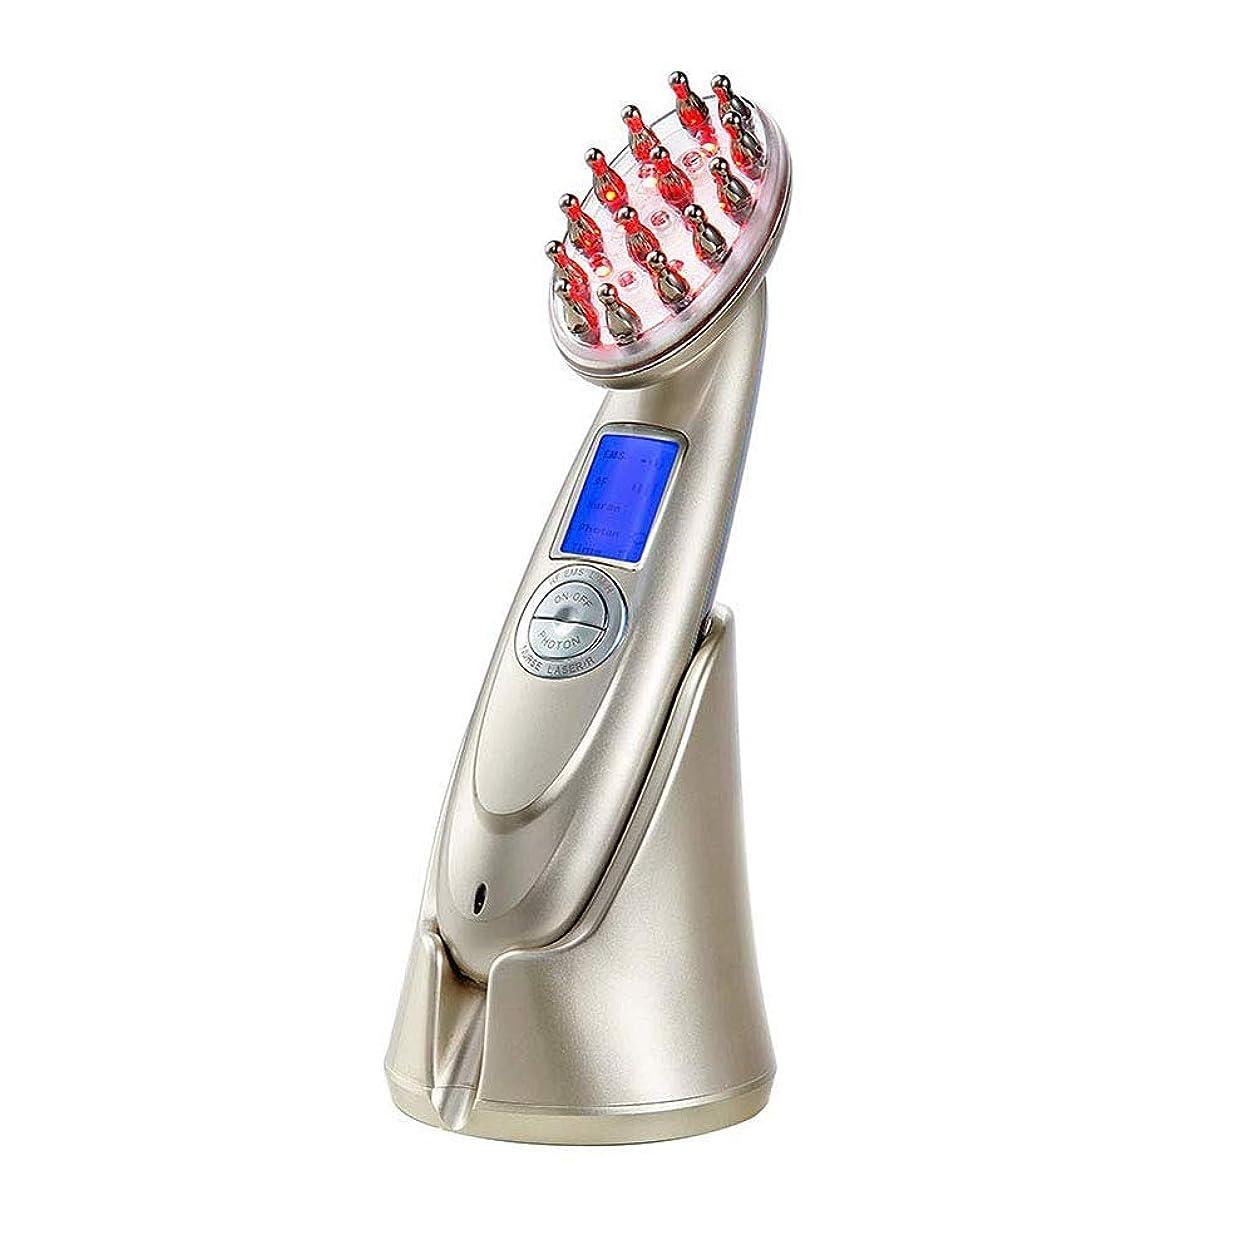 夫惑星好意的髪の成長櫛電気抗毛損失治療マッサージヘア再生ブラシ無線周波数職業 EMS Led フォトンライトセラピー櫛